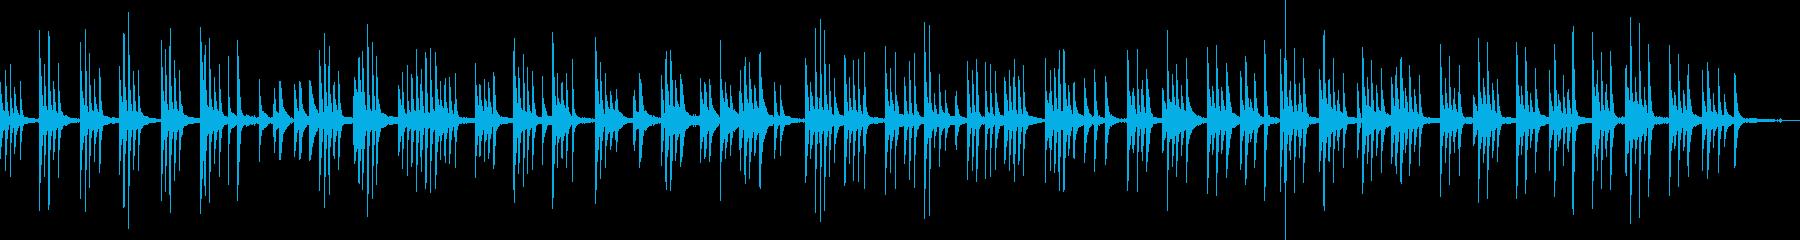 孤独に押しつぶされそうなピアノソロ曲の再生済みの波形